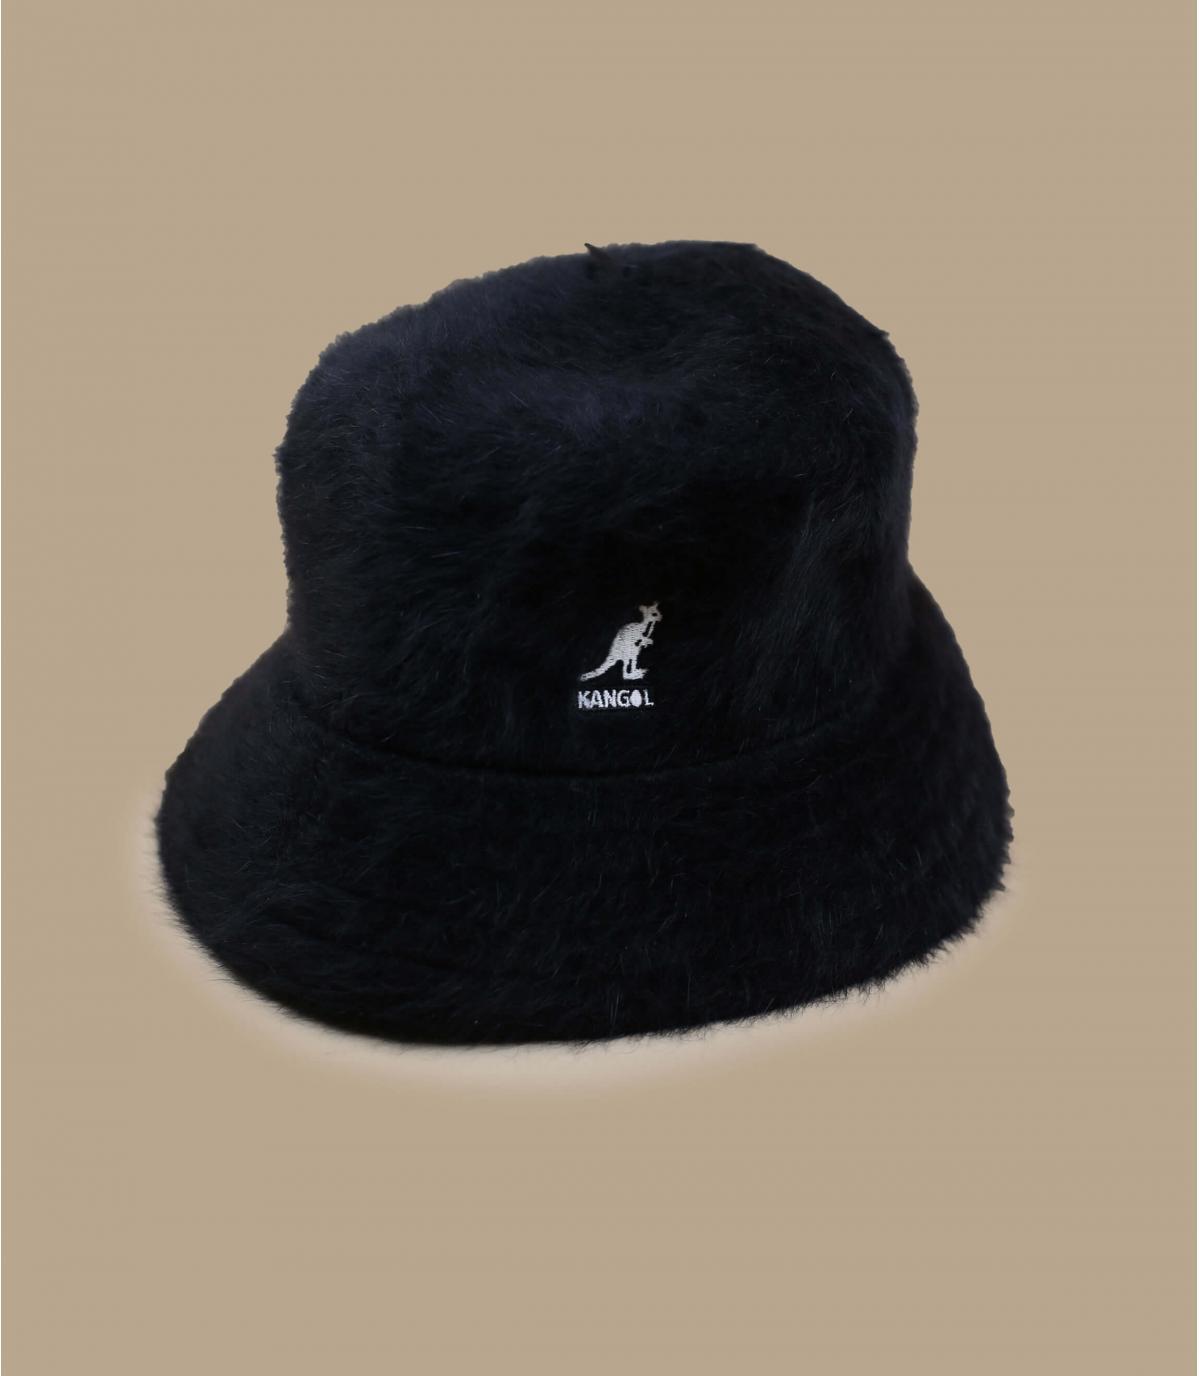 zwarte bontbob Kangol